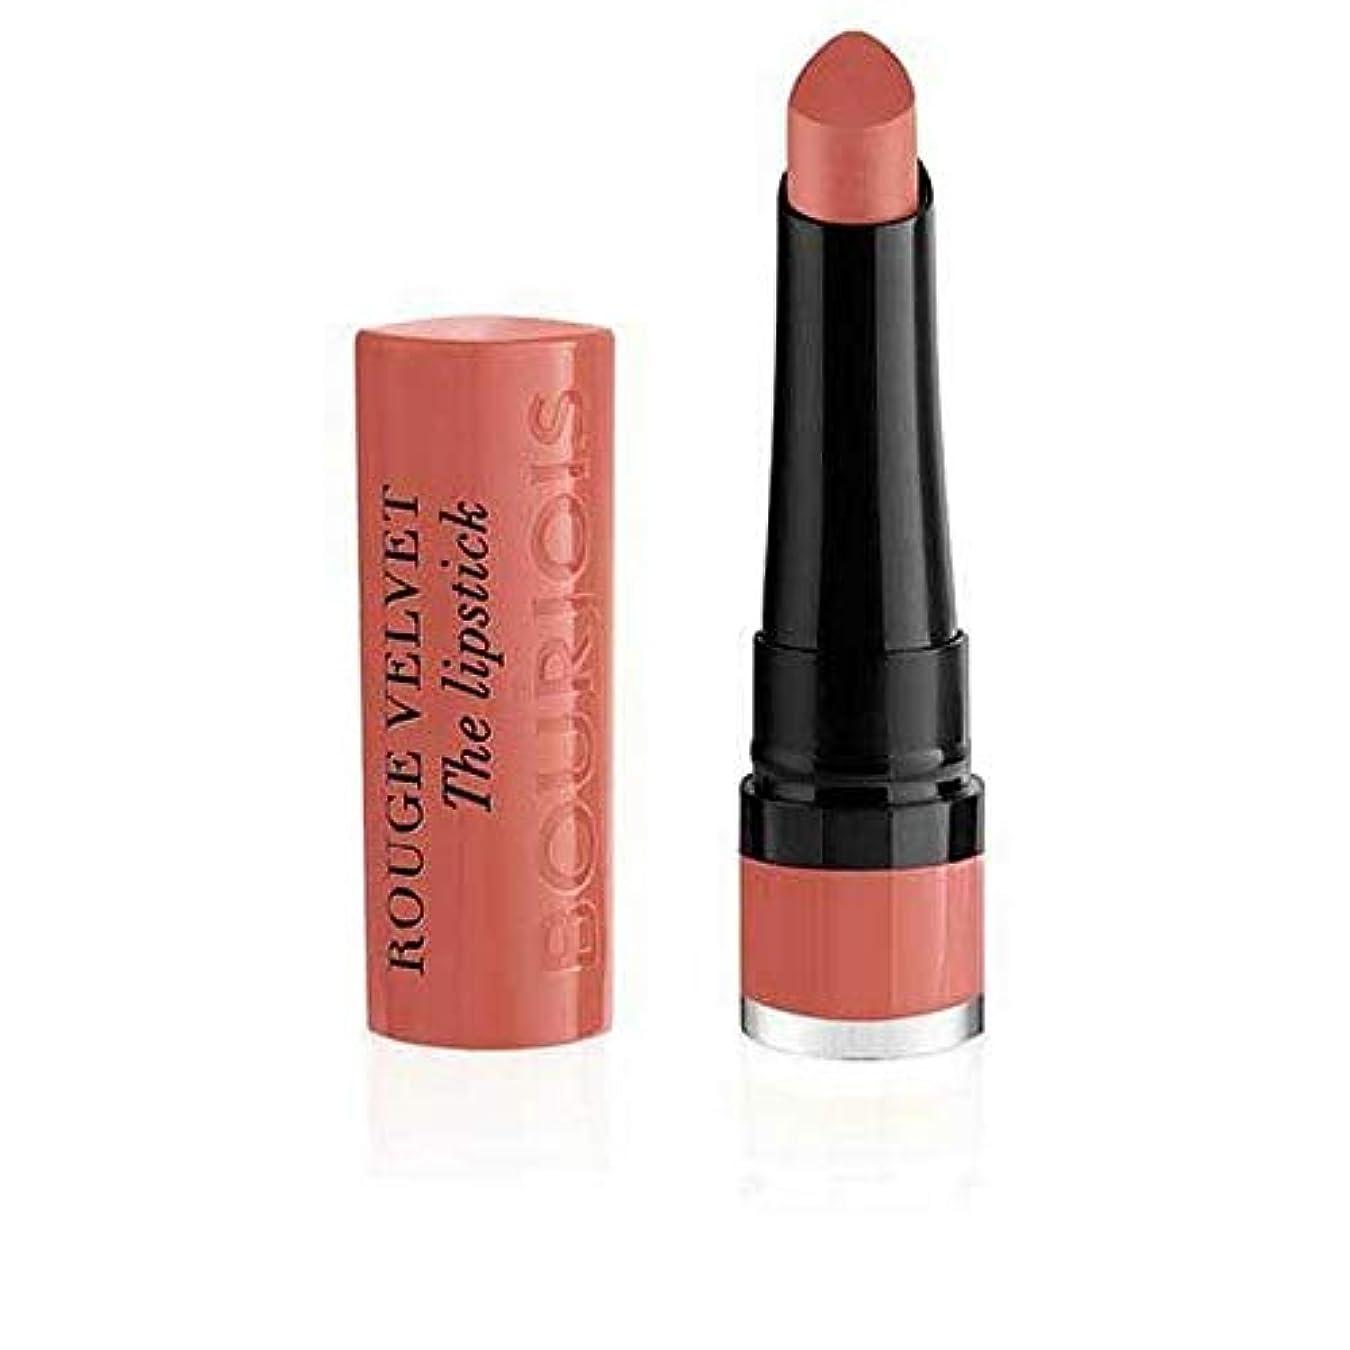 プランテーション効率的に存在する[Bourjois ] ブルジョワルージュのベルベット口紅 - 桃のTartin 15 - Bourjois Rouge Velvet The Lipstick ? Peach Tartin 15 [並行輸入品]